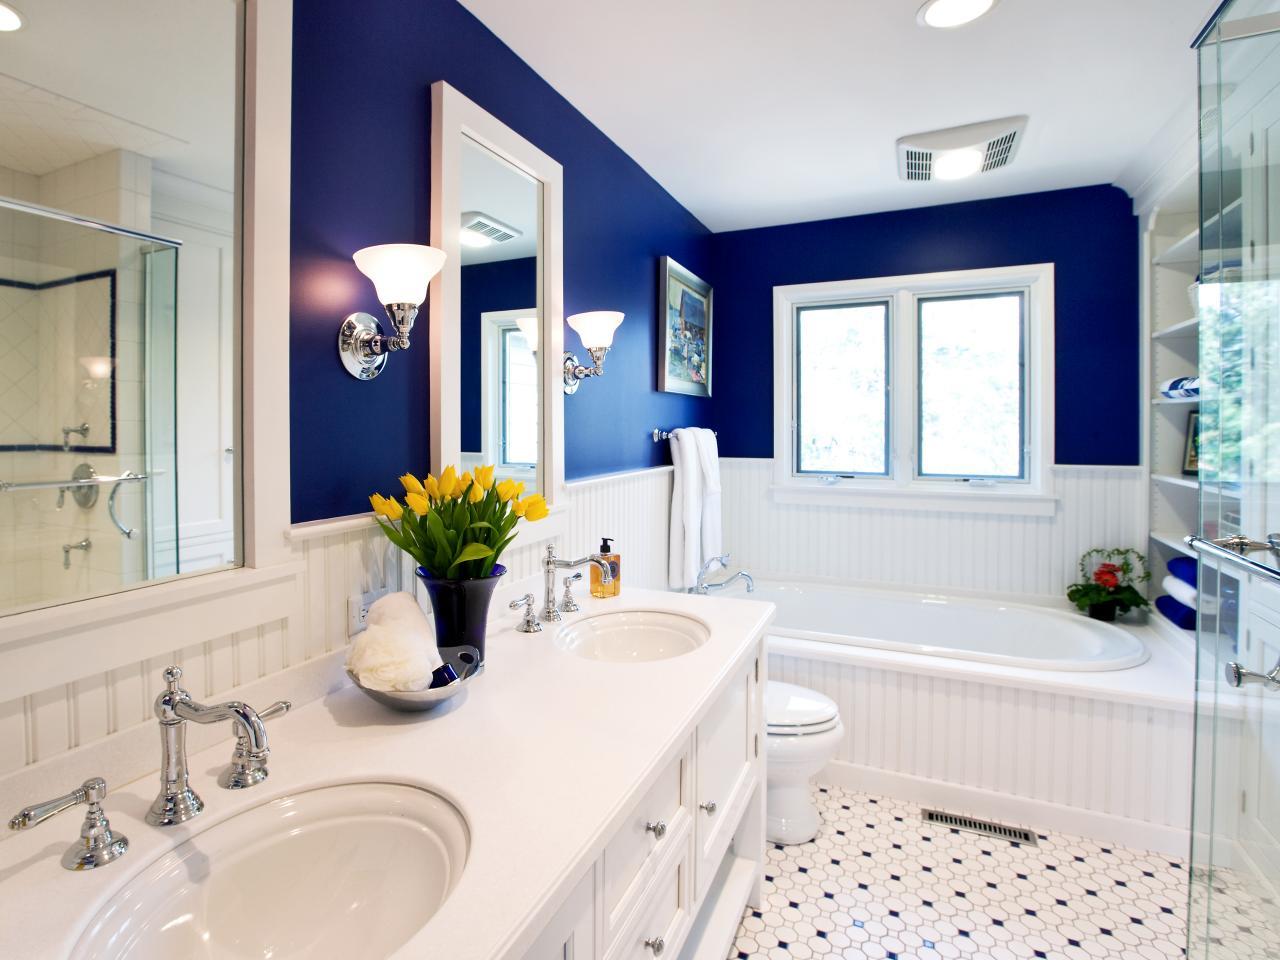 mavi İtalyan tarzı banyo dekorasyonu